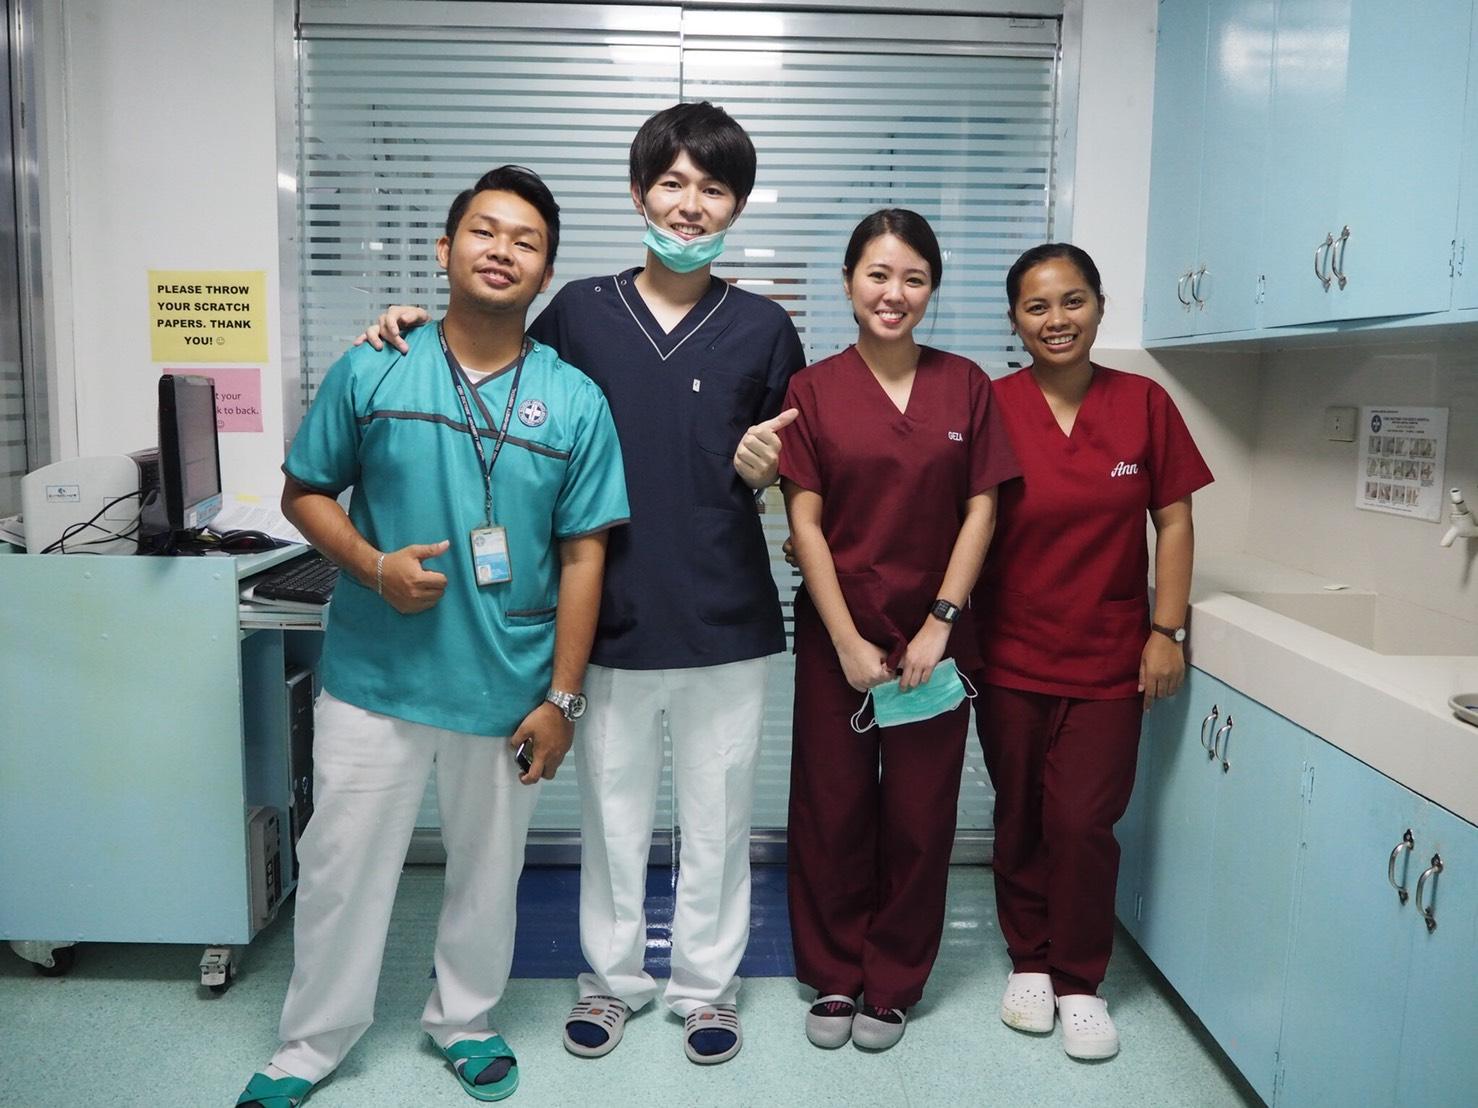 『毎期10名限定』グローバル看護師育成コースの生徒を募集開始します!